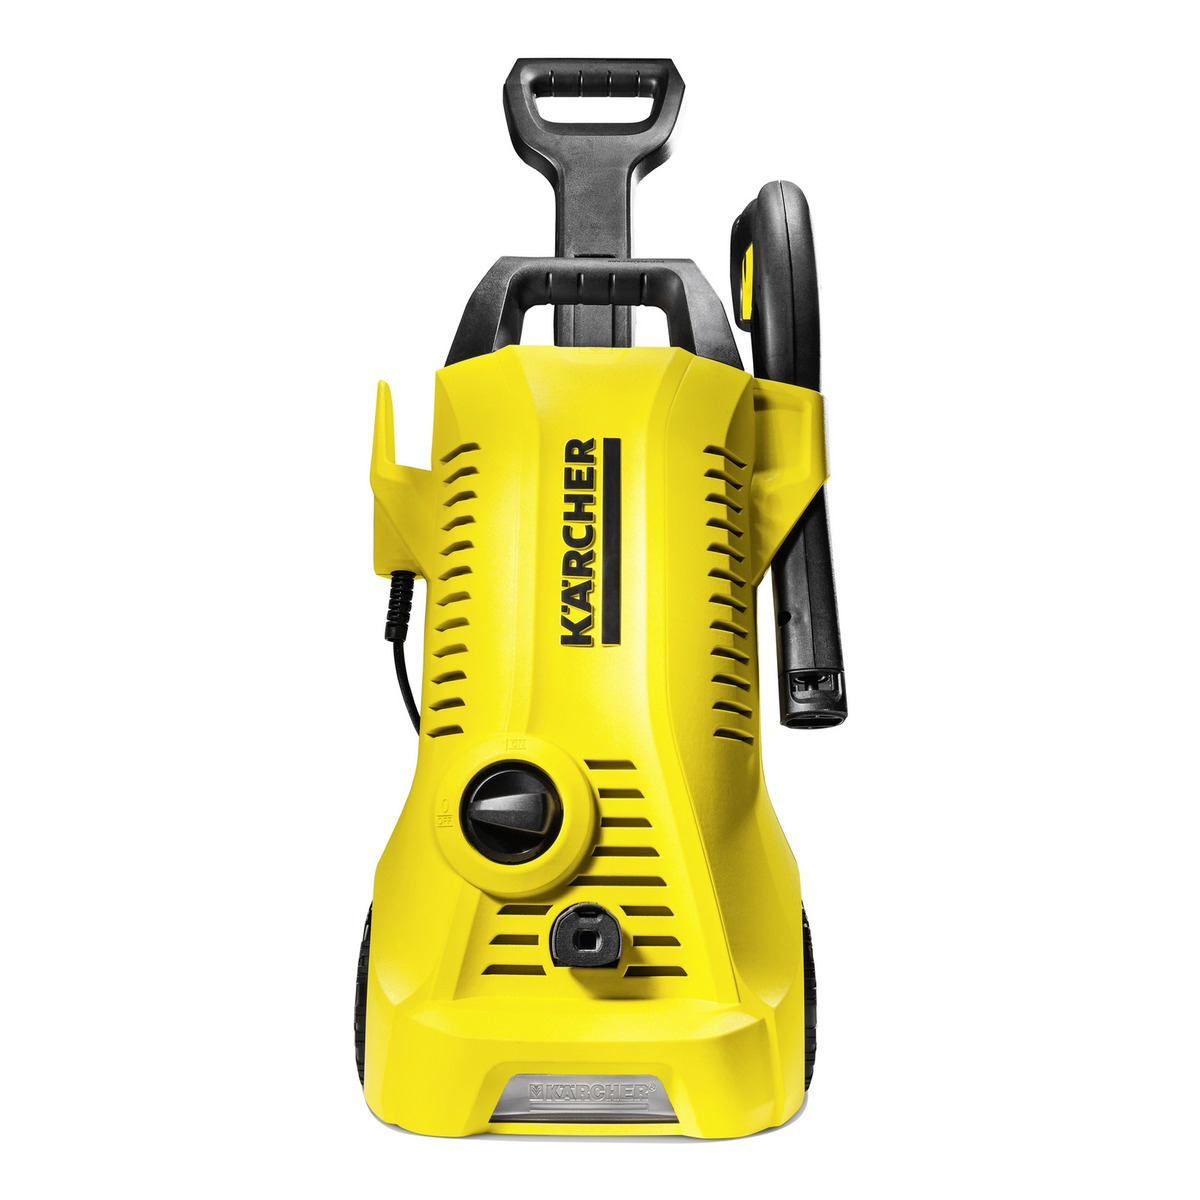 Kärcher K2 Power Control Hogedrukreiniger 1400W 110 bar 3 drukniveau's online kopen